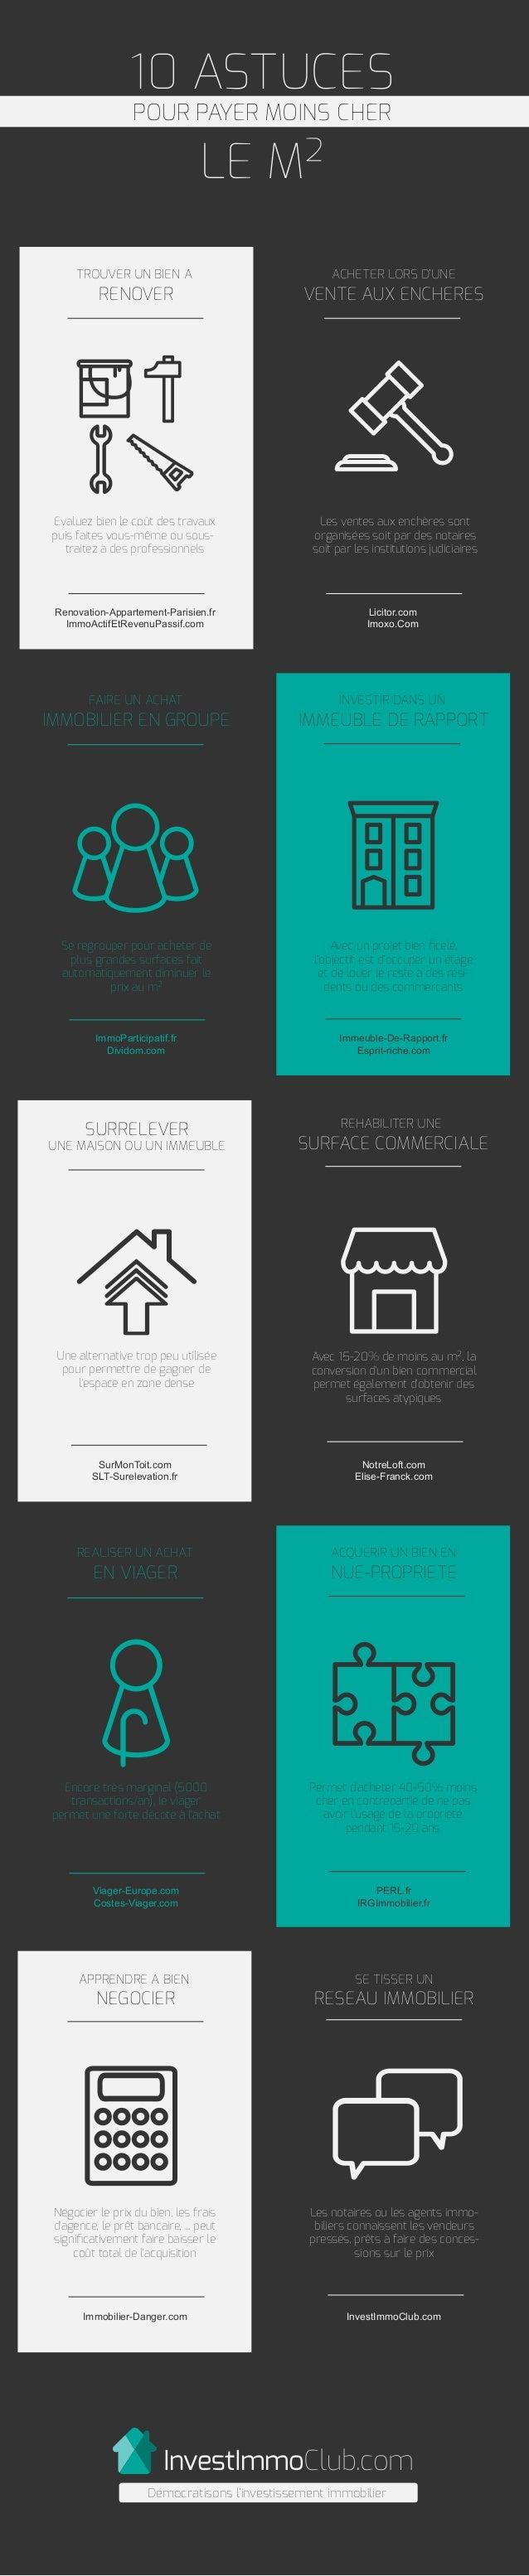 InvestImmoClub.com Démocratisons l'investissement immobilier SE TISSER UN RESEAU IMMOBILIER Les notaires ou les agents imm...